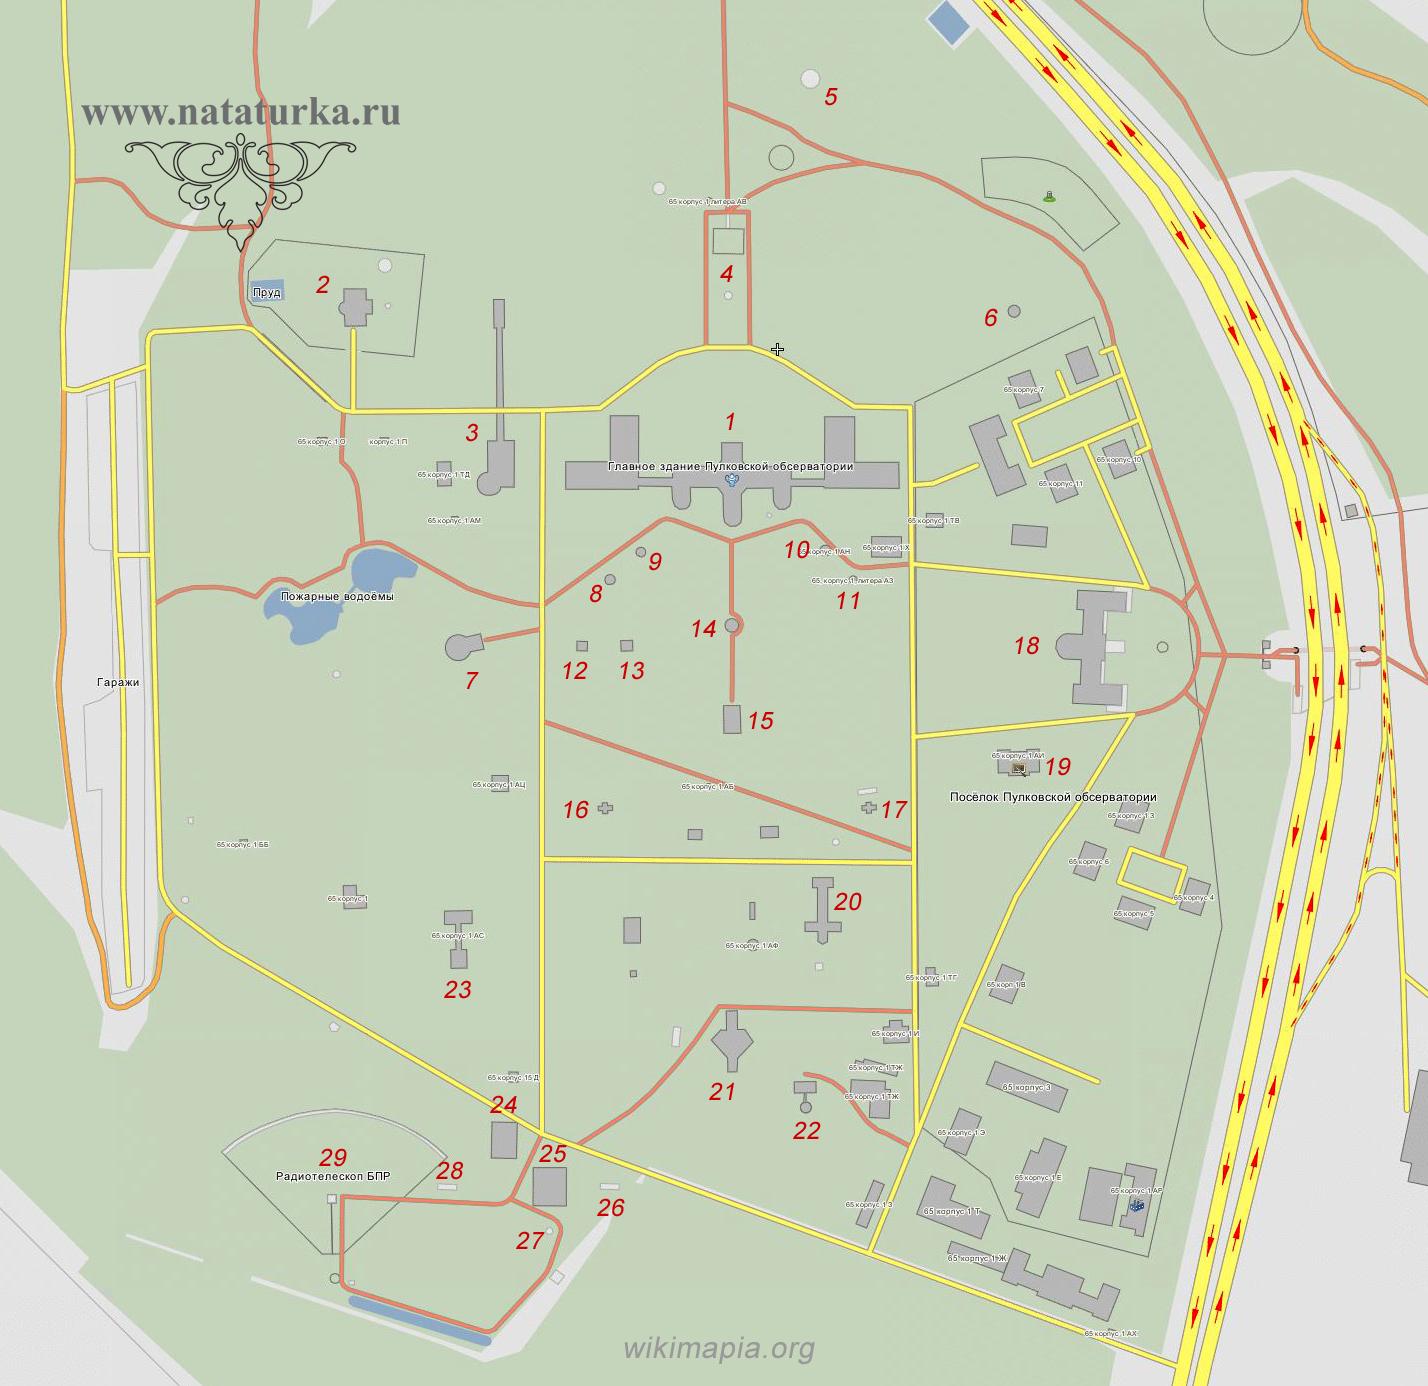 Карта-схема Пулковской обсерватории